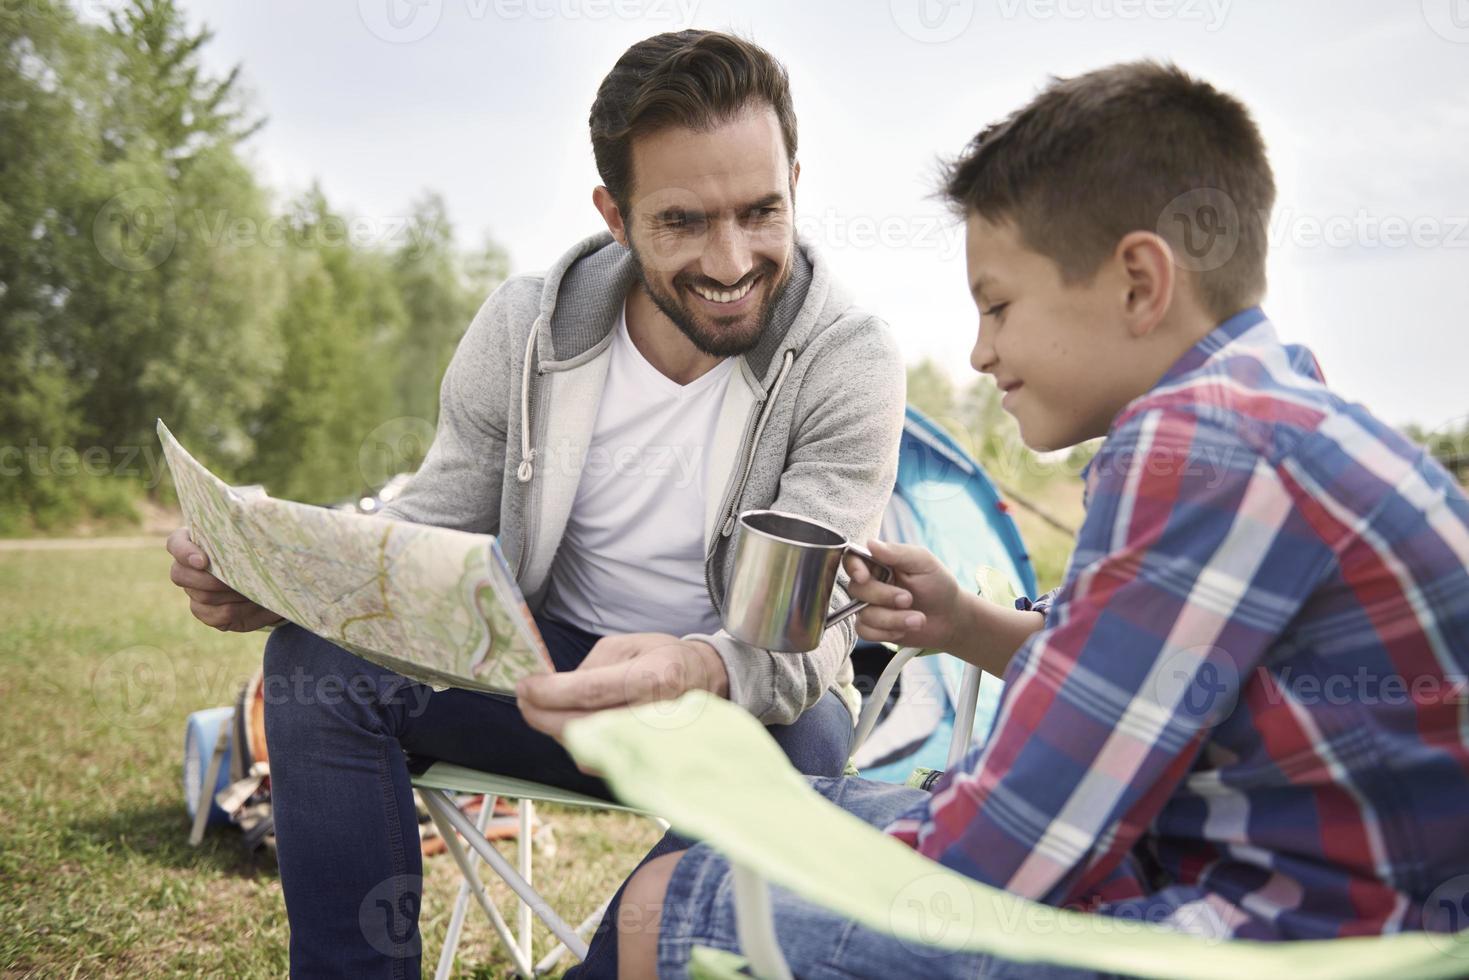 Familienvorbereitung Trail für das Wochenende foto